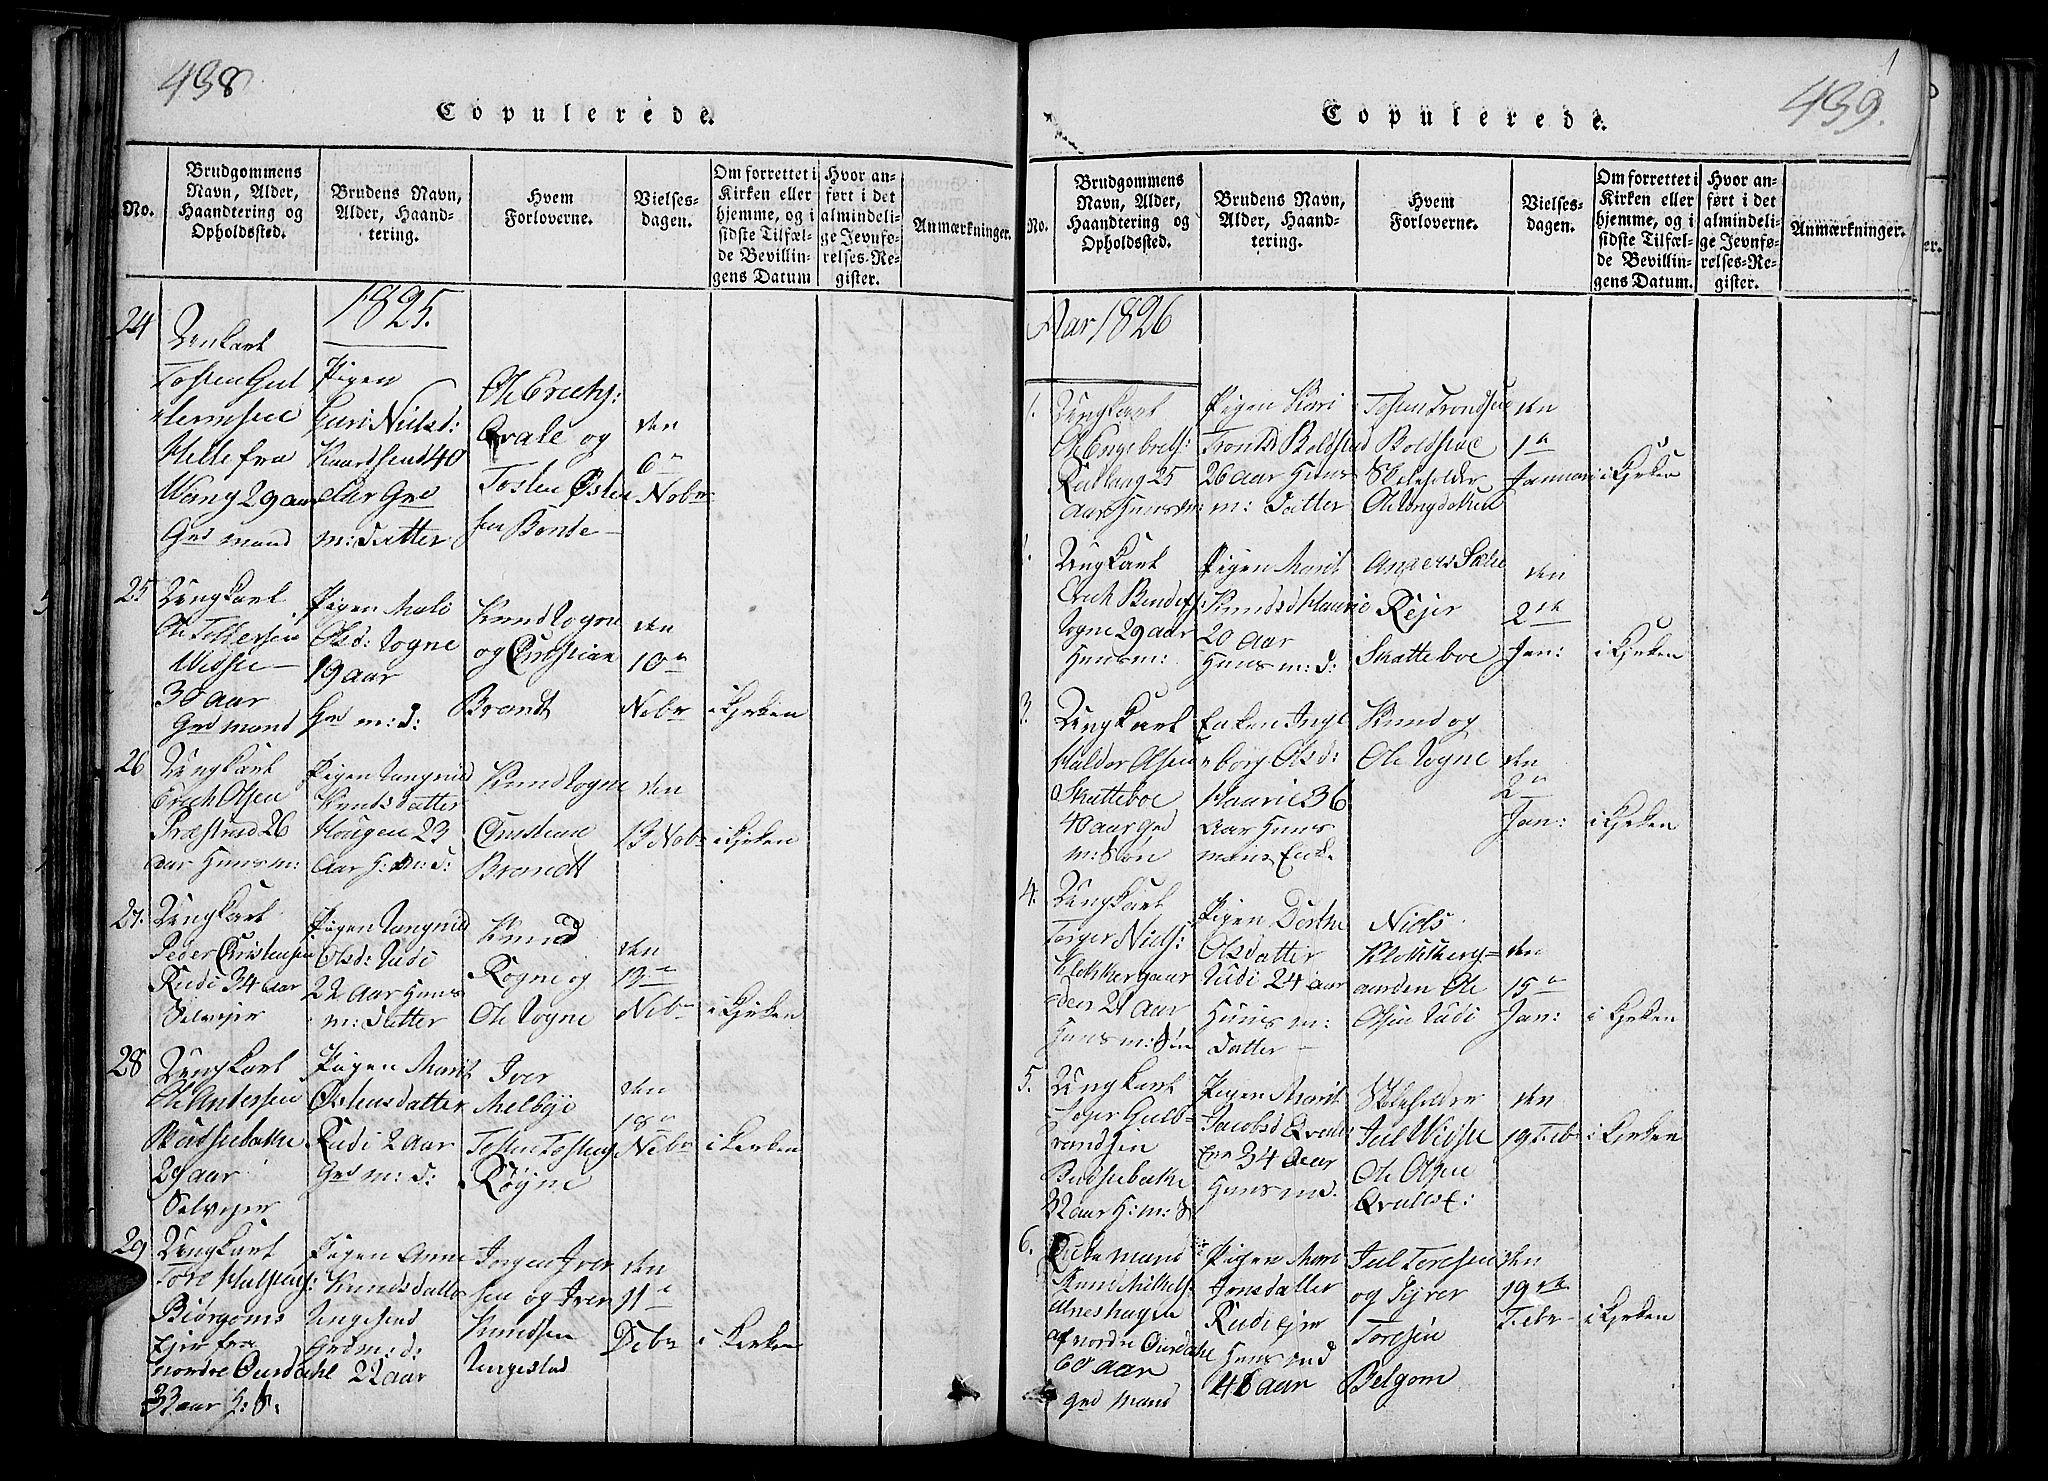 SAH, Slidre prestekontor, Ministerialbok nr. 2, 1814-1830, s. 438-439